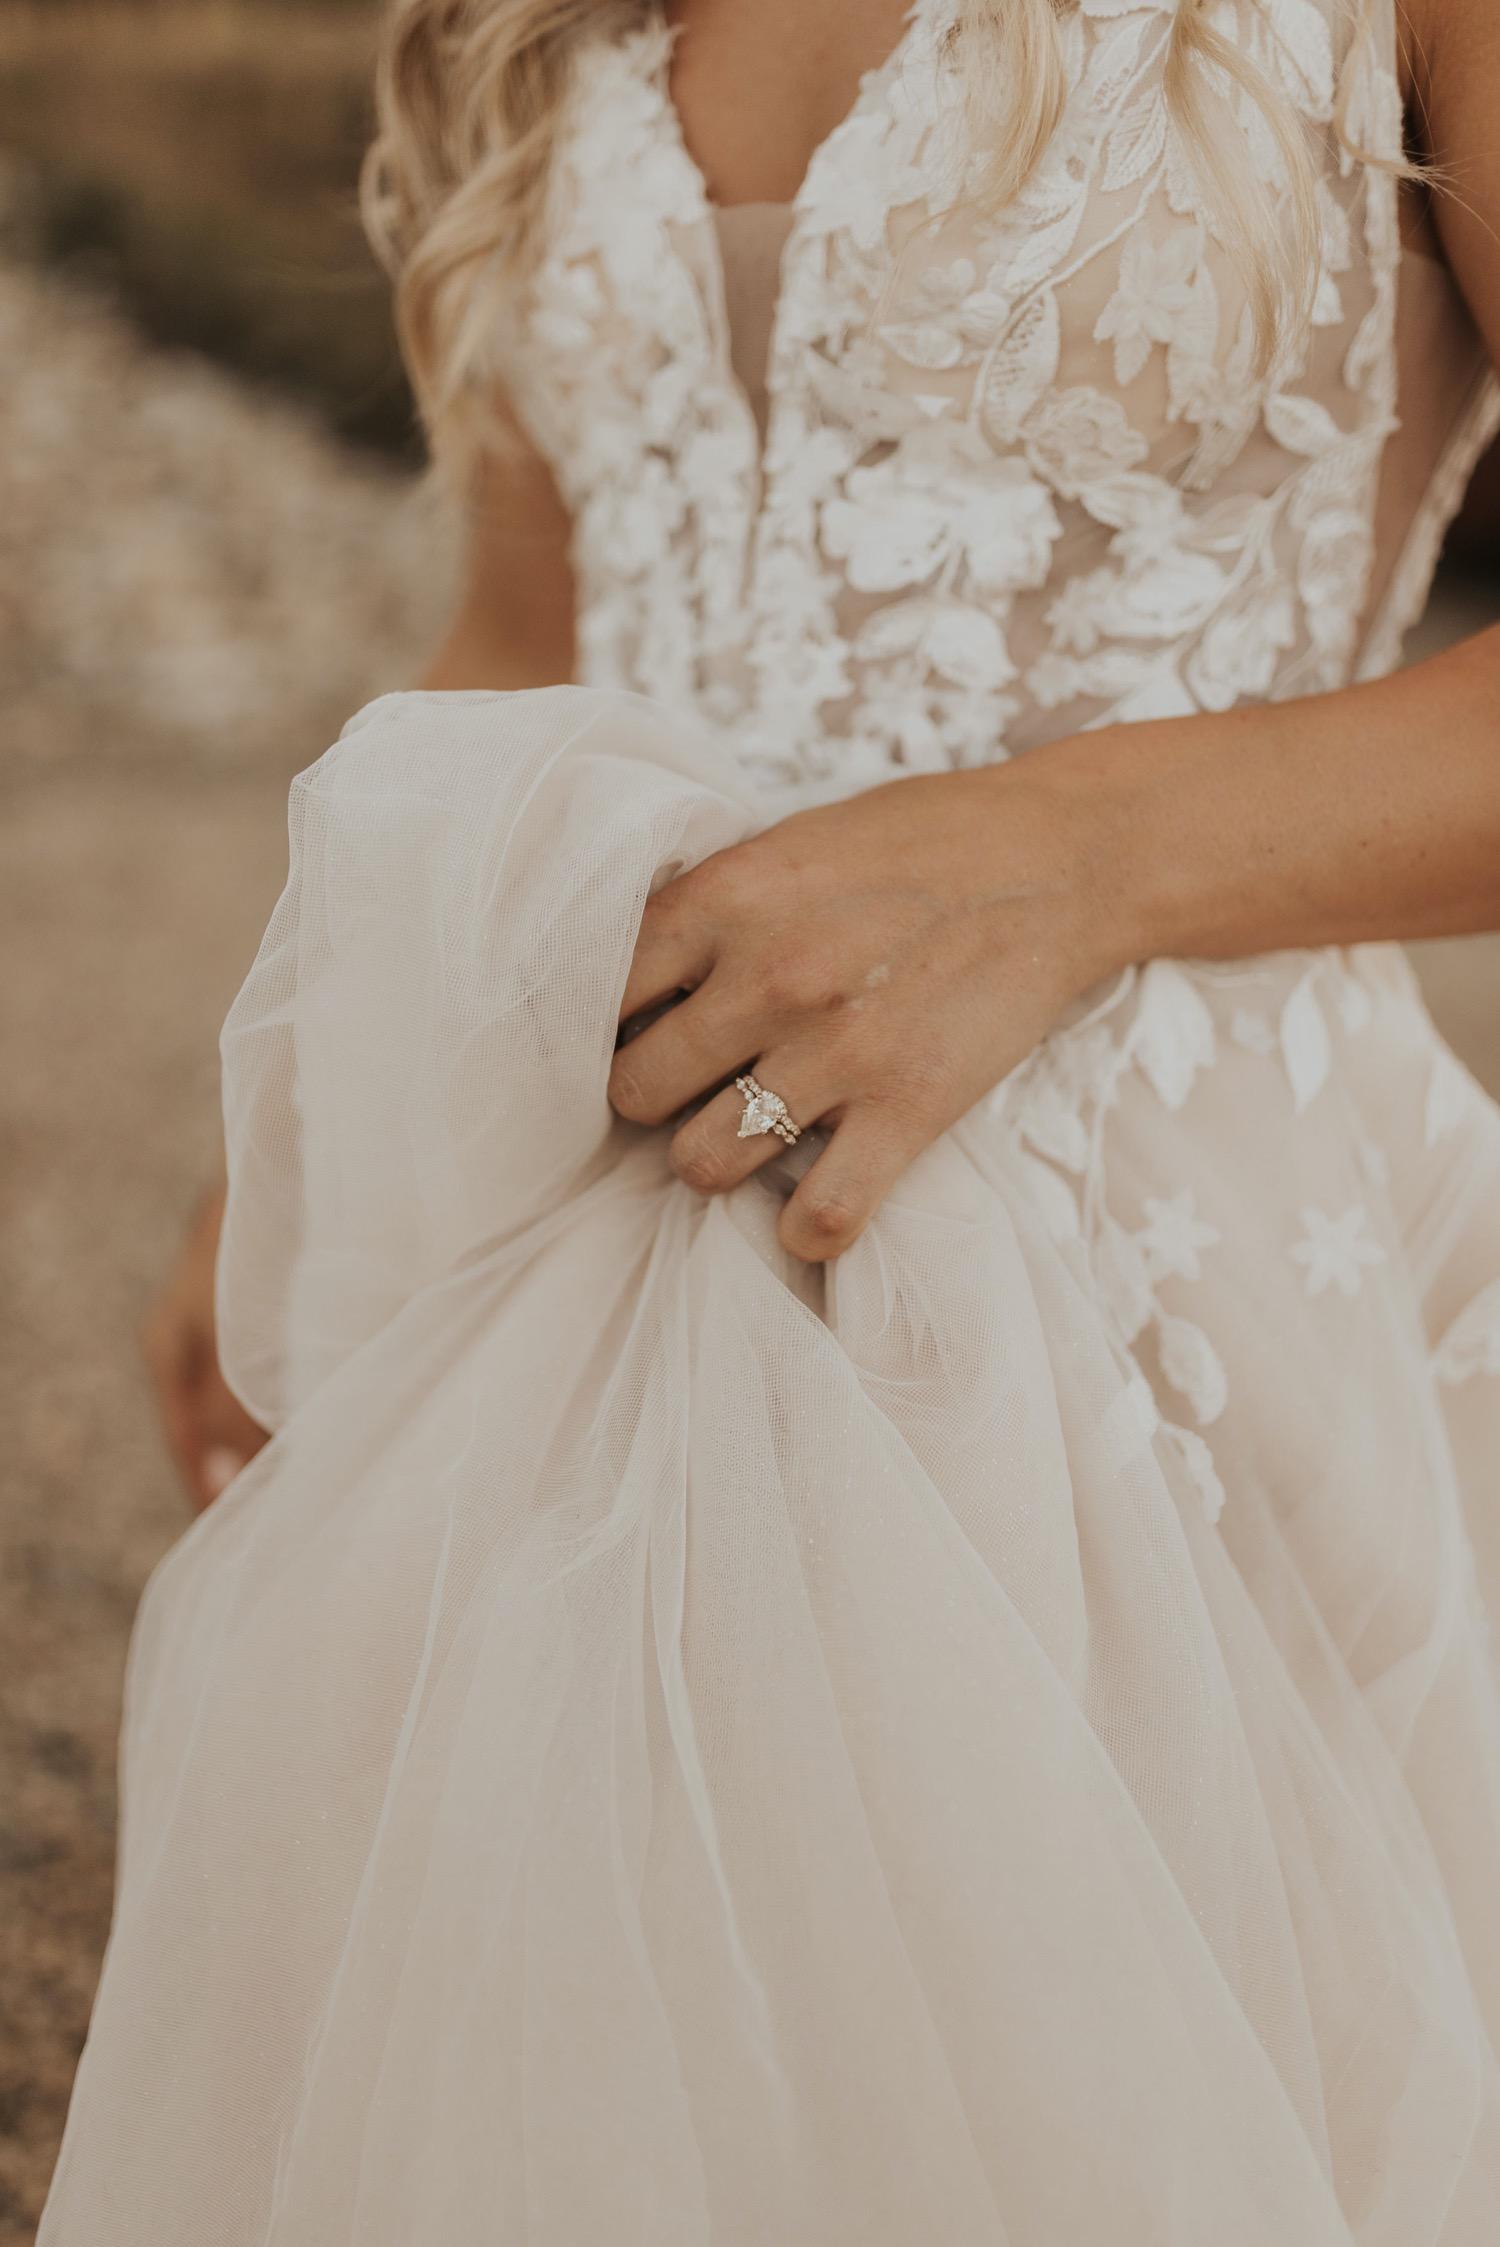 Bruid in trouwjurk